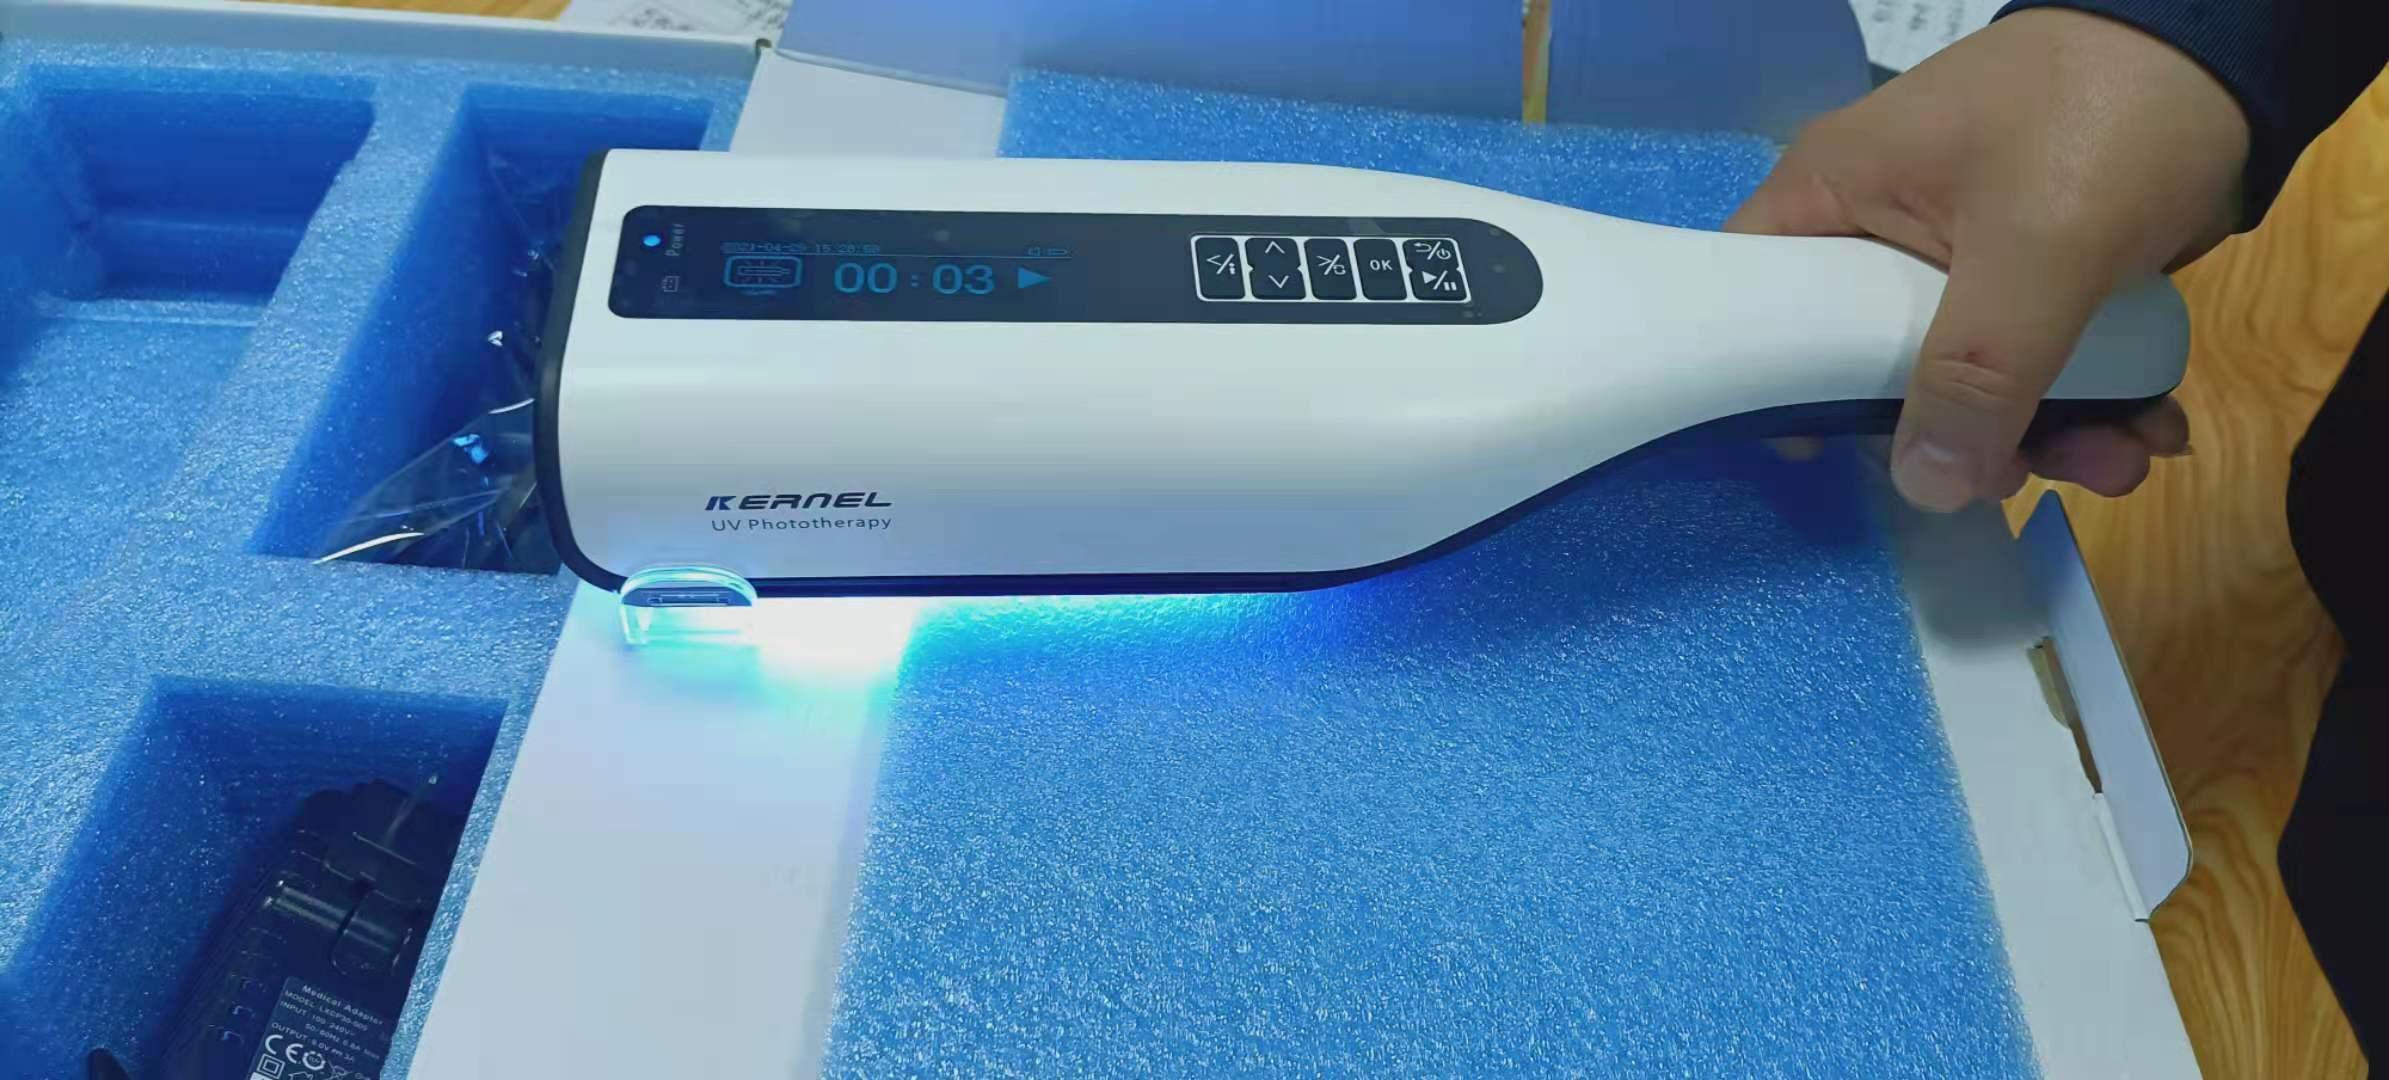 家用光疗仪照白斑之前是不是还要涂抹药